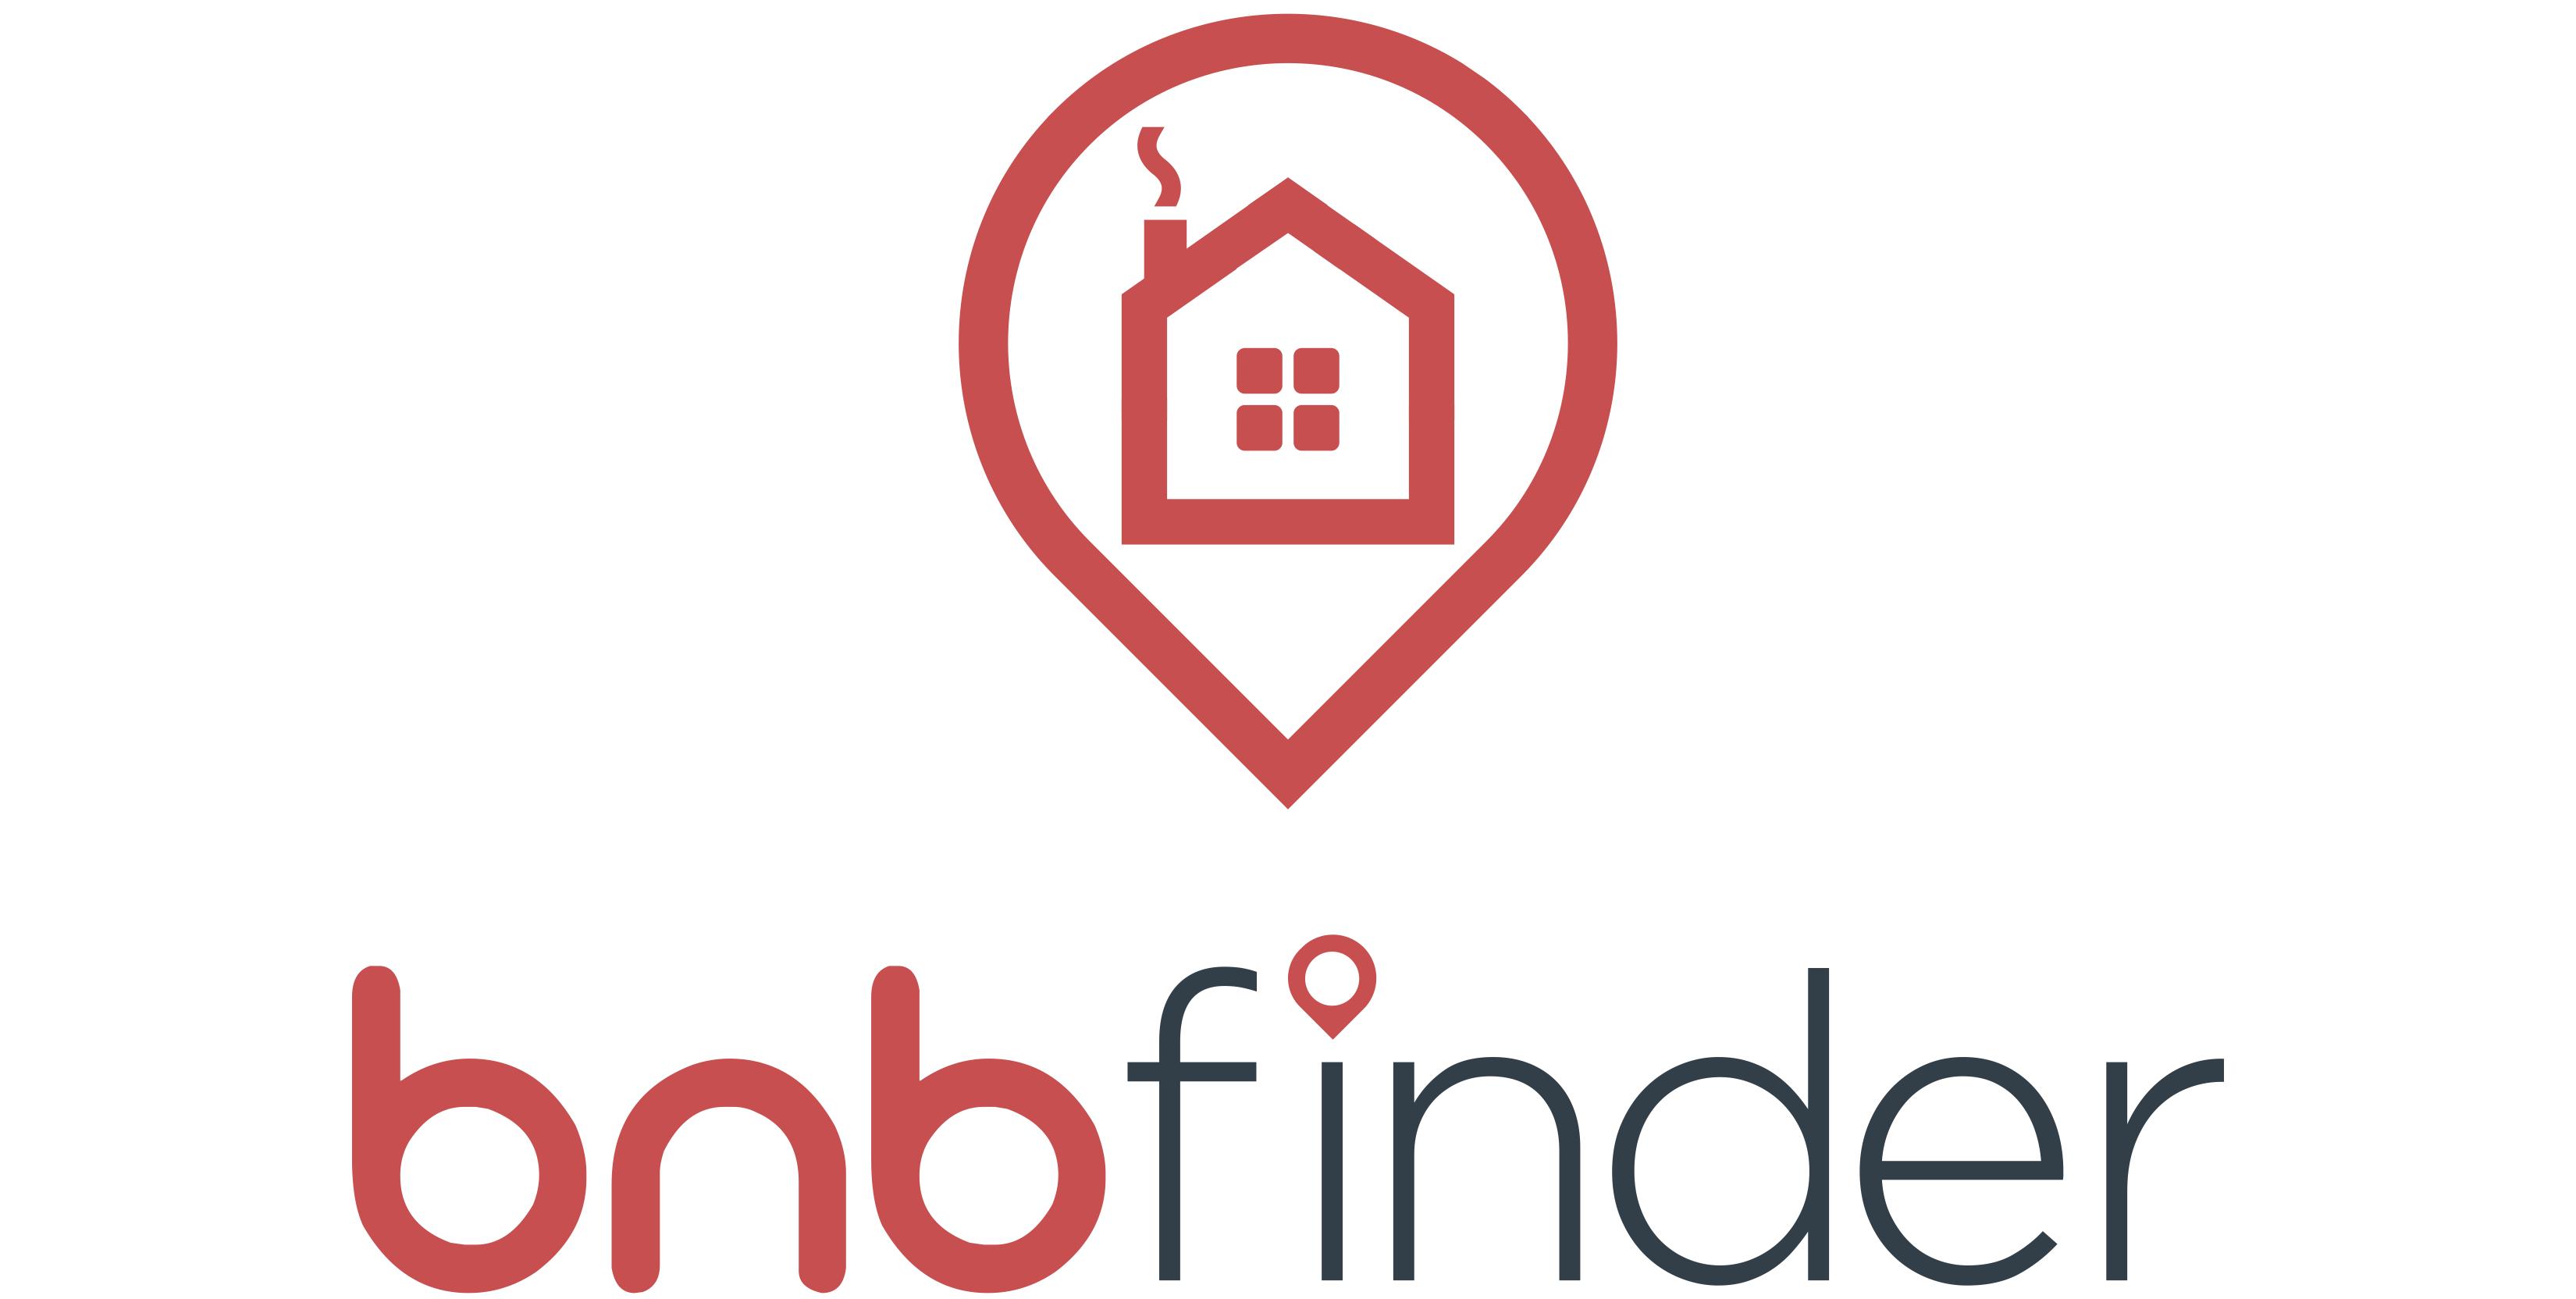 bnbfinder logo